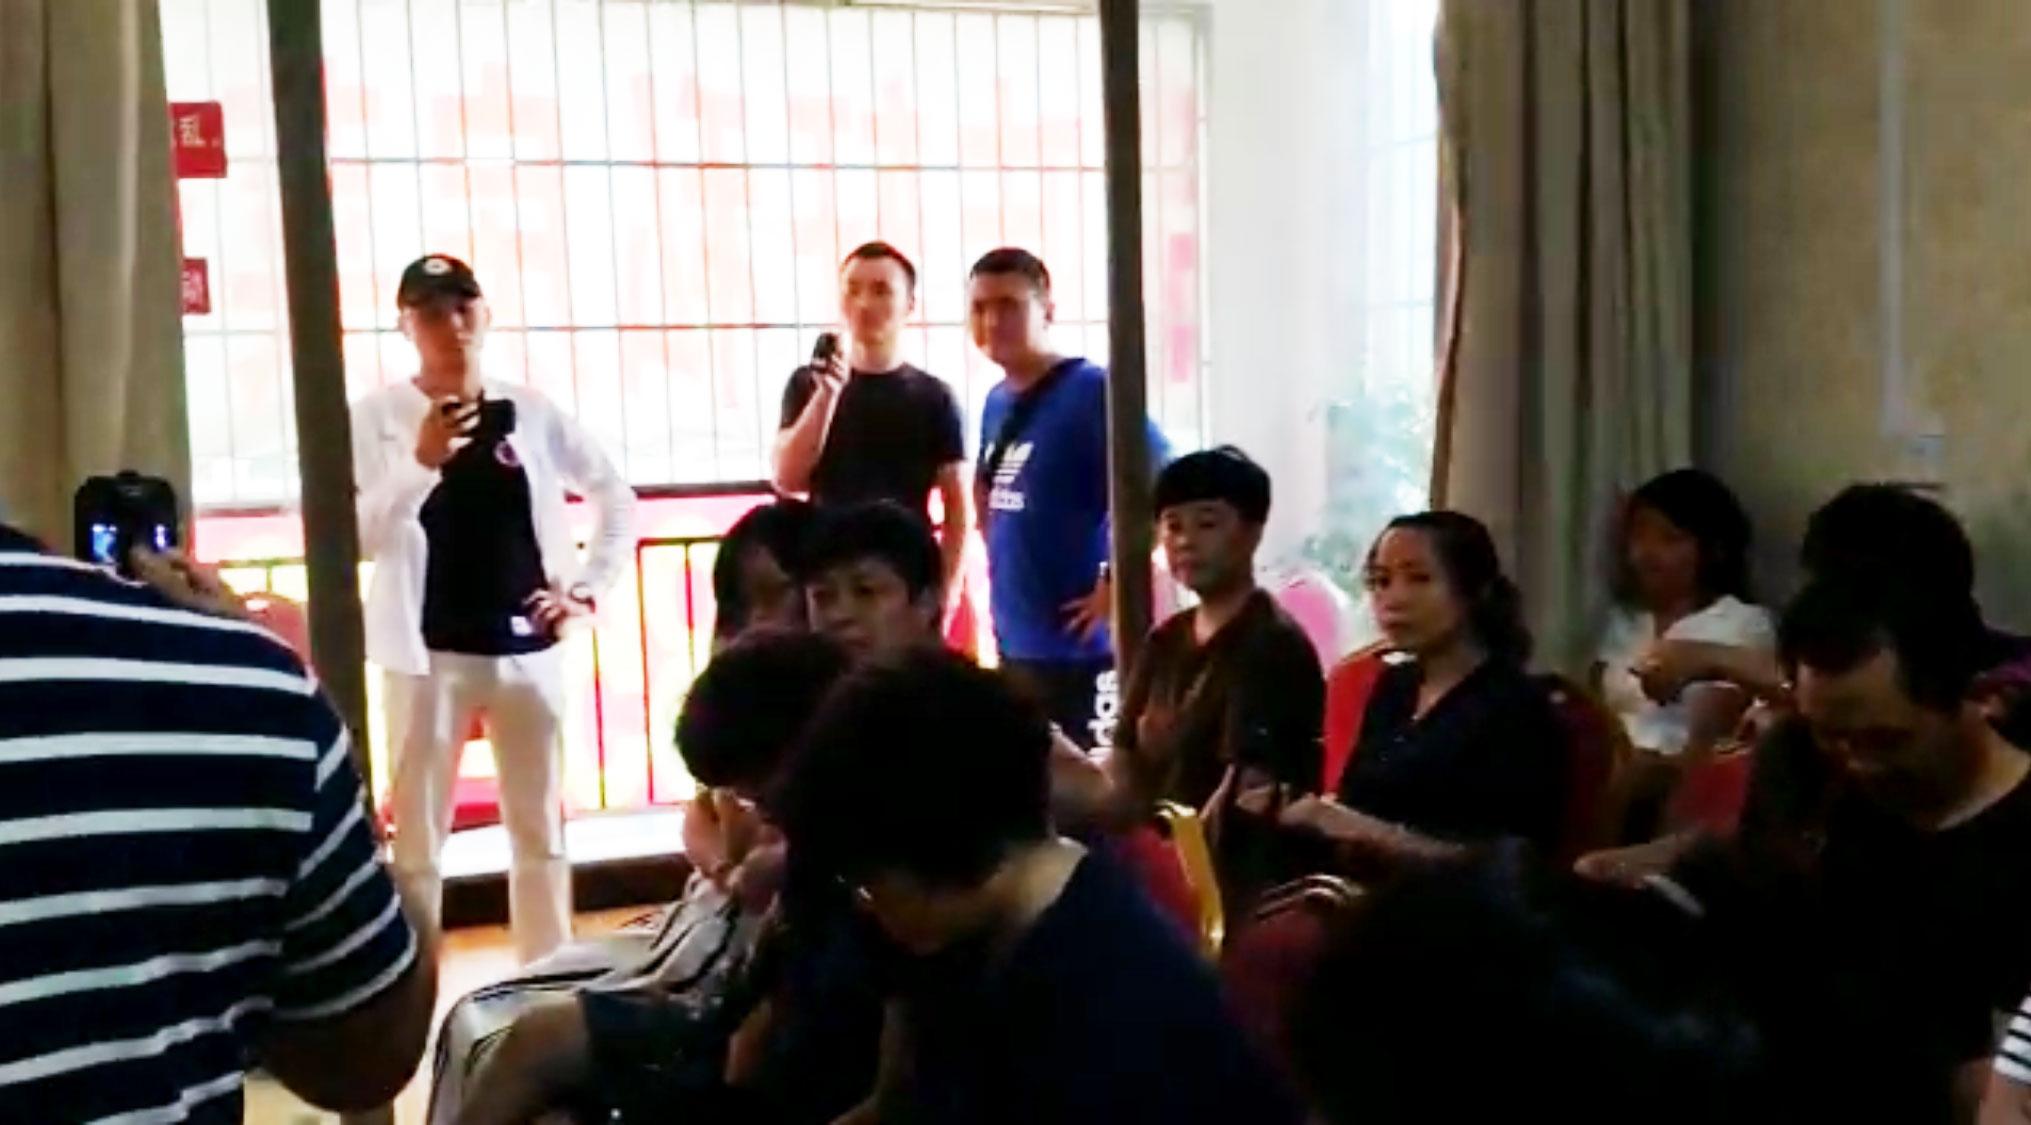 贵阳南明区政府人员在现场拍摄。(志愿者提供/记者乔龙)